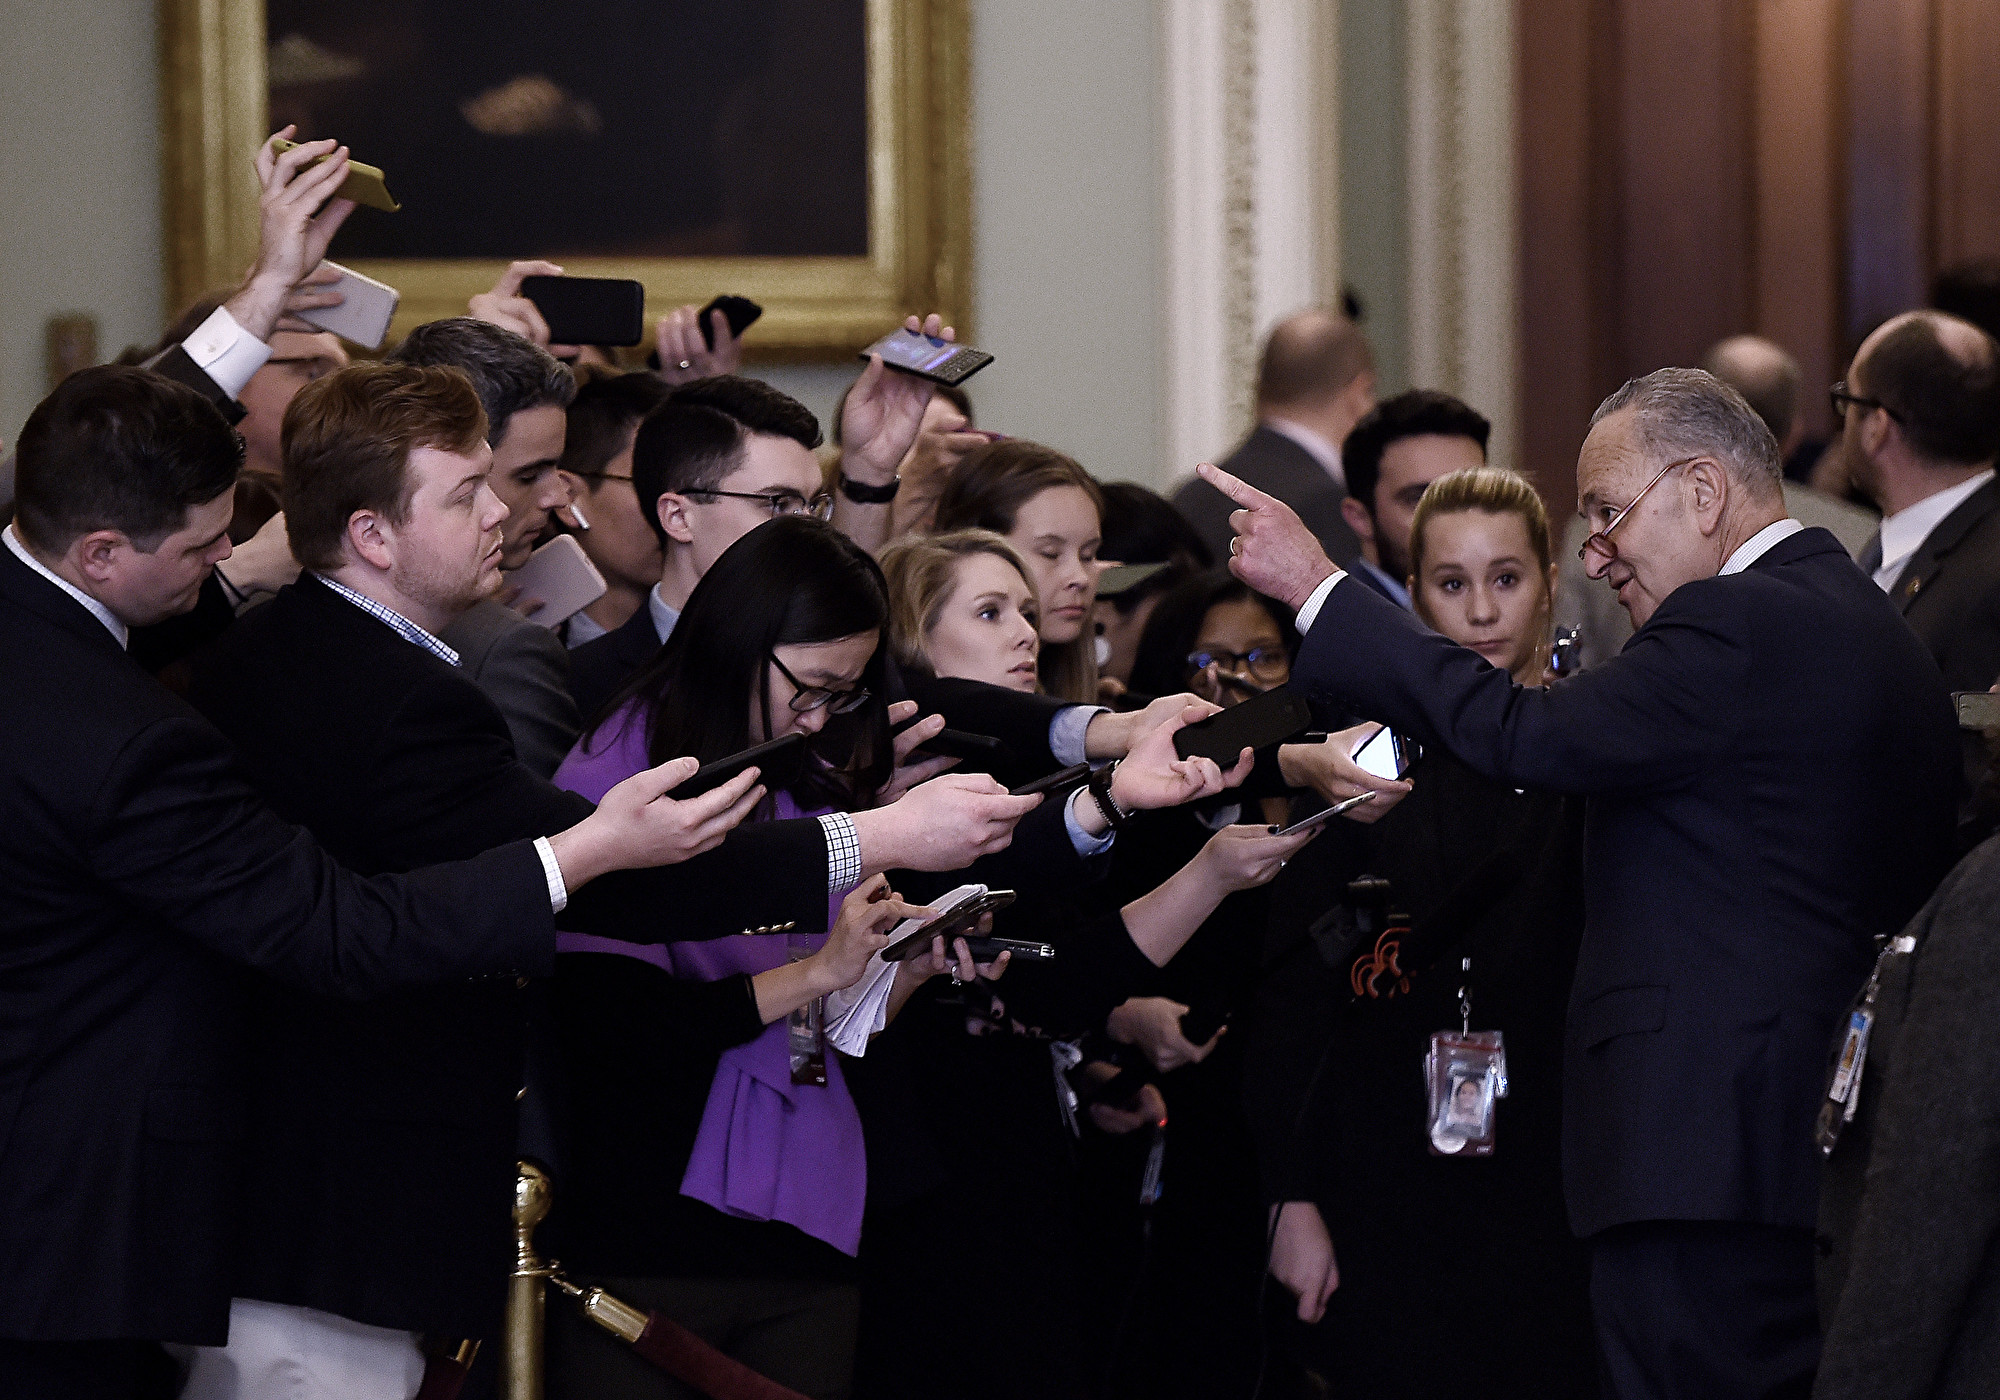 美參院彈劾案 場內激烈討論 場外或更緊張